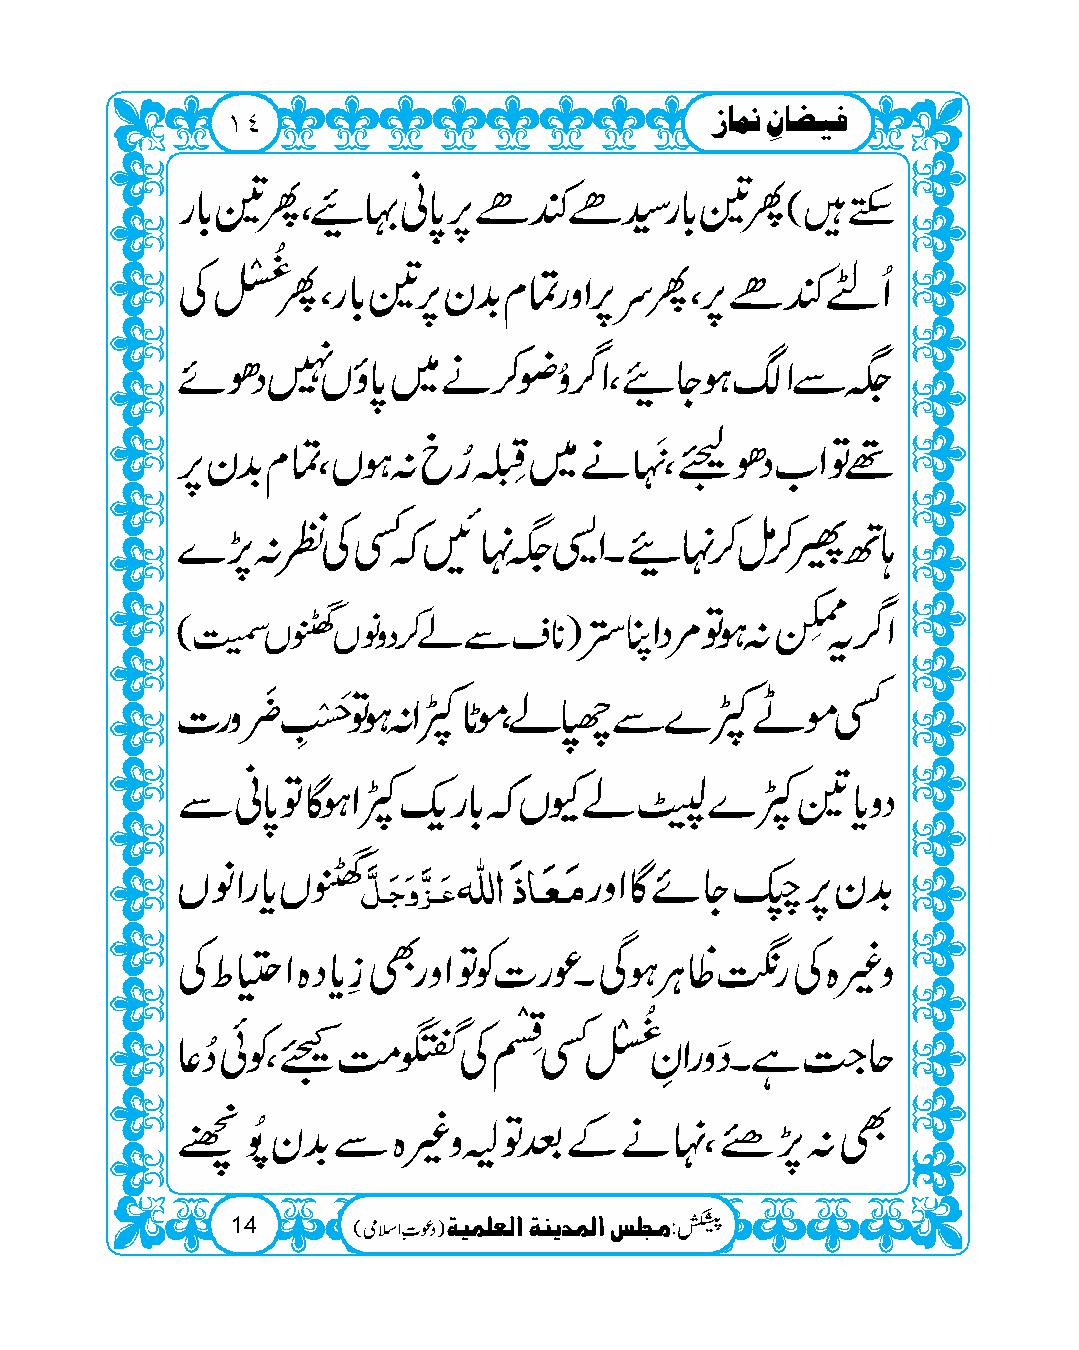 page No 14